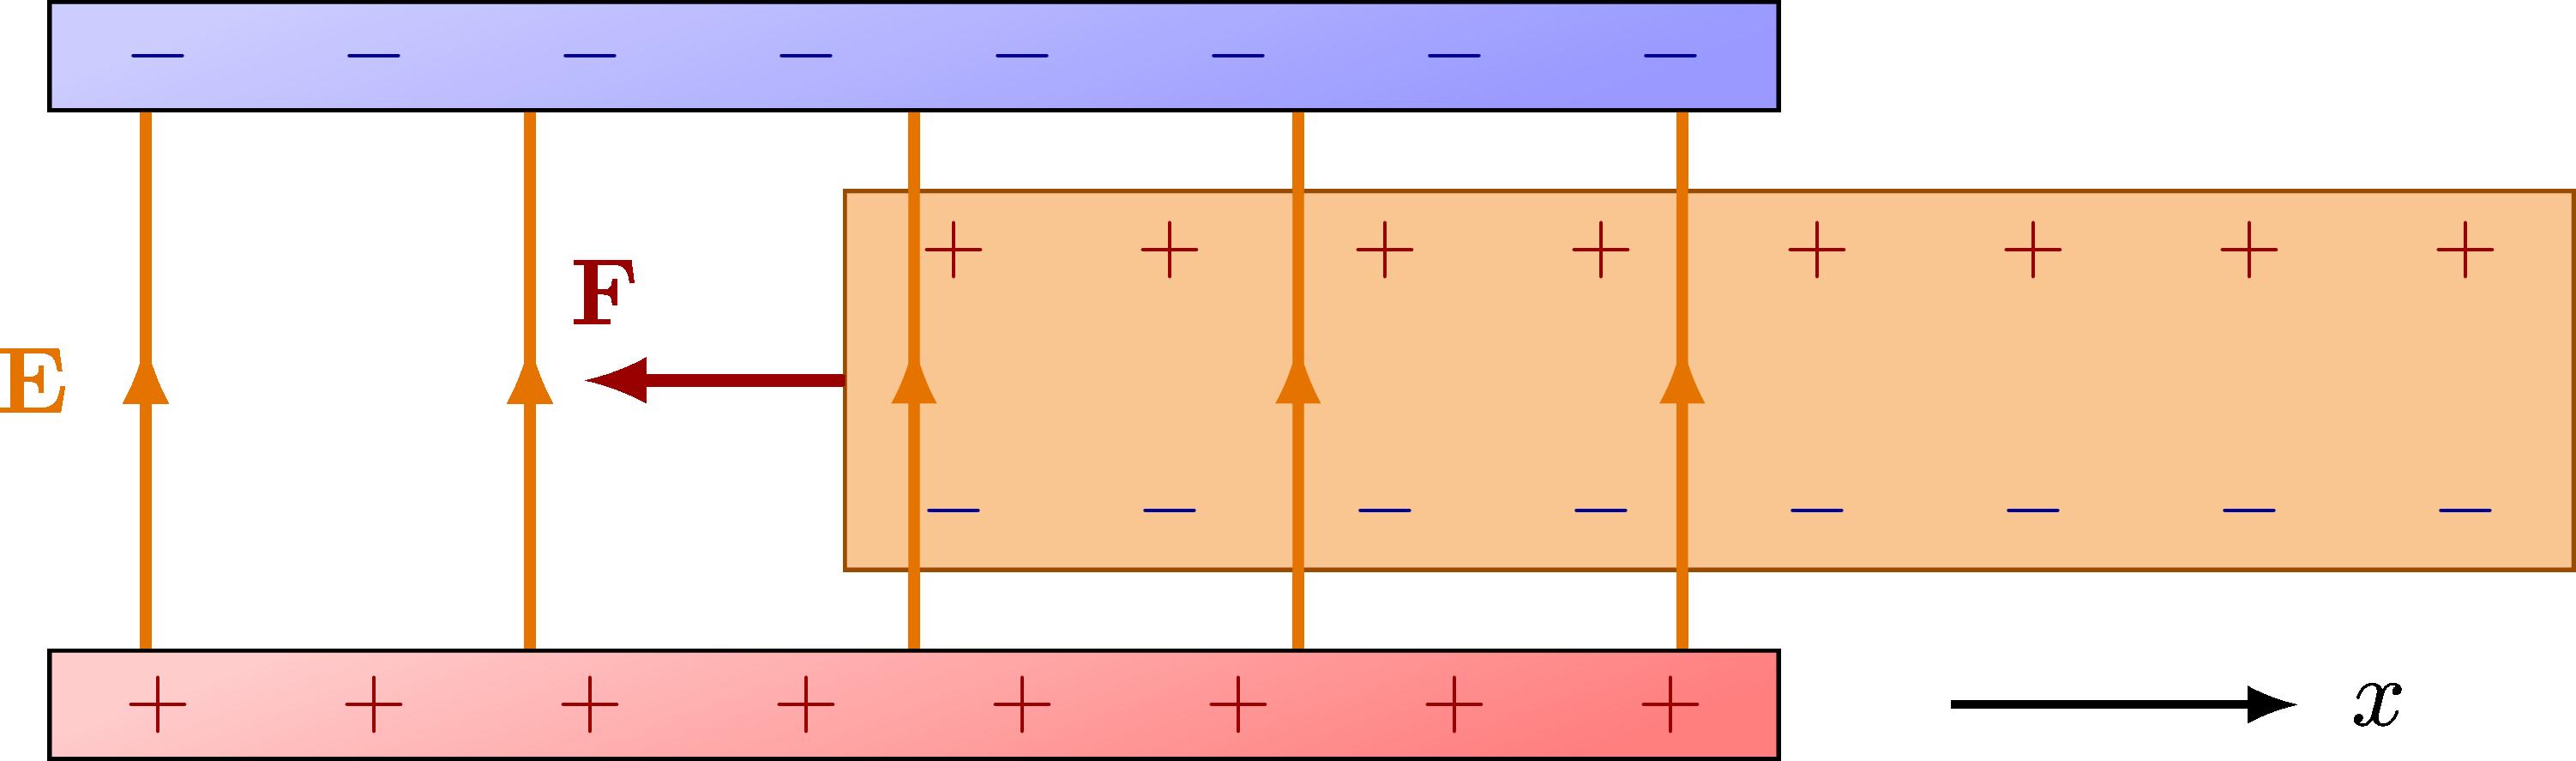 capacitors-007.png